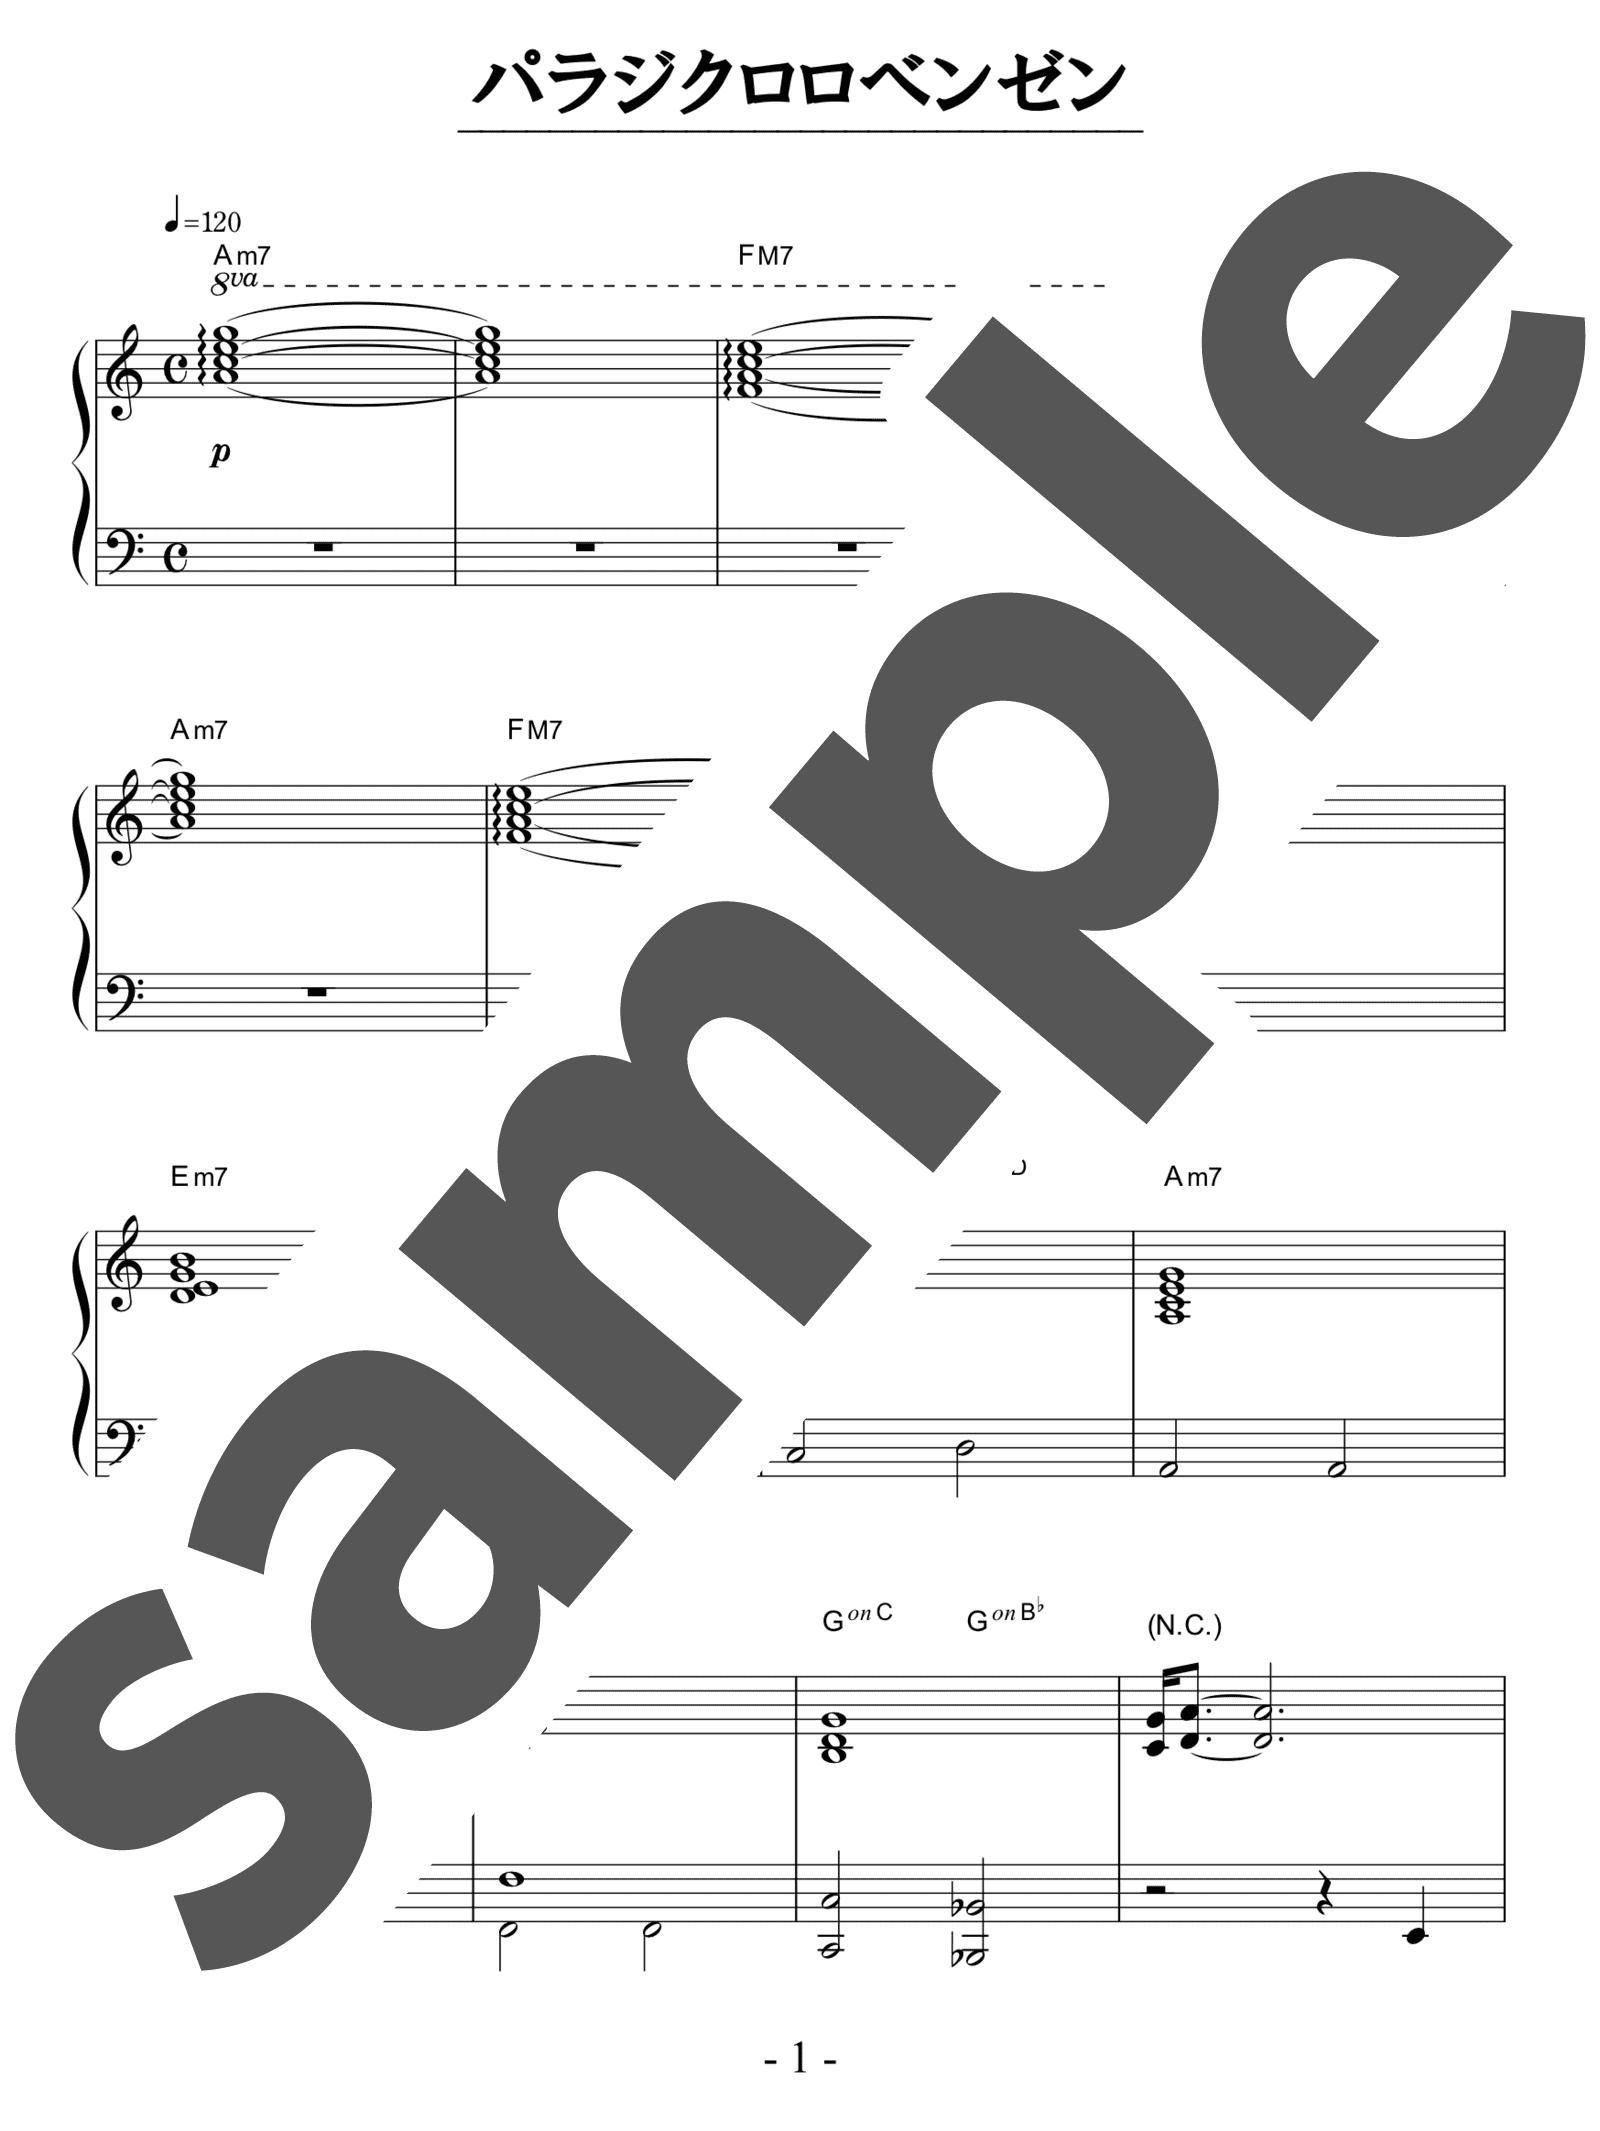 「パラジクロロベンゼン」のサンプル楽譜